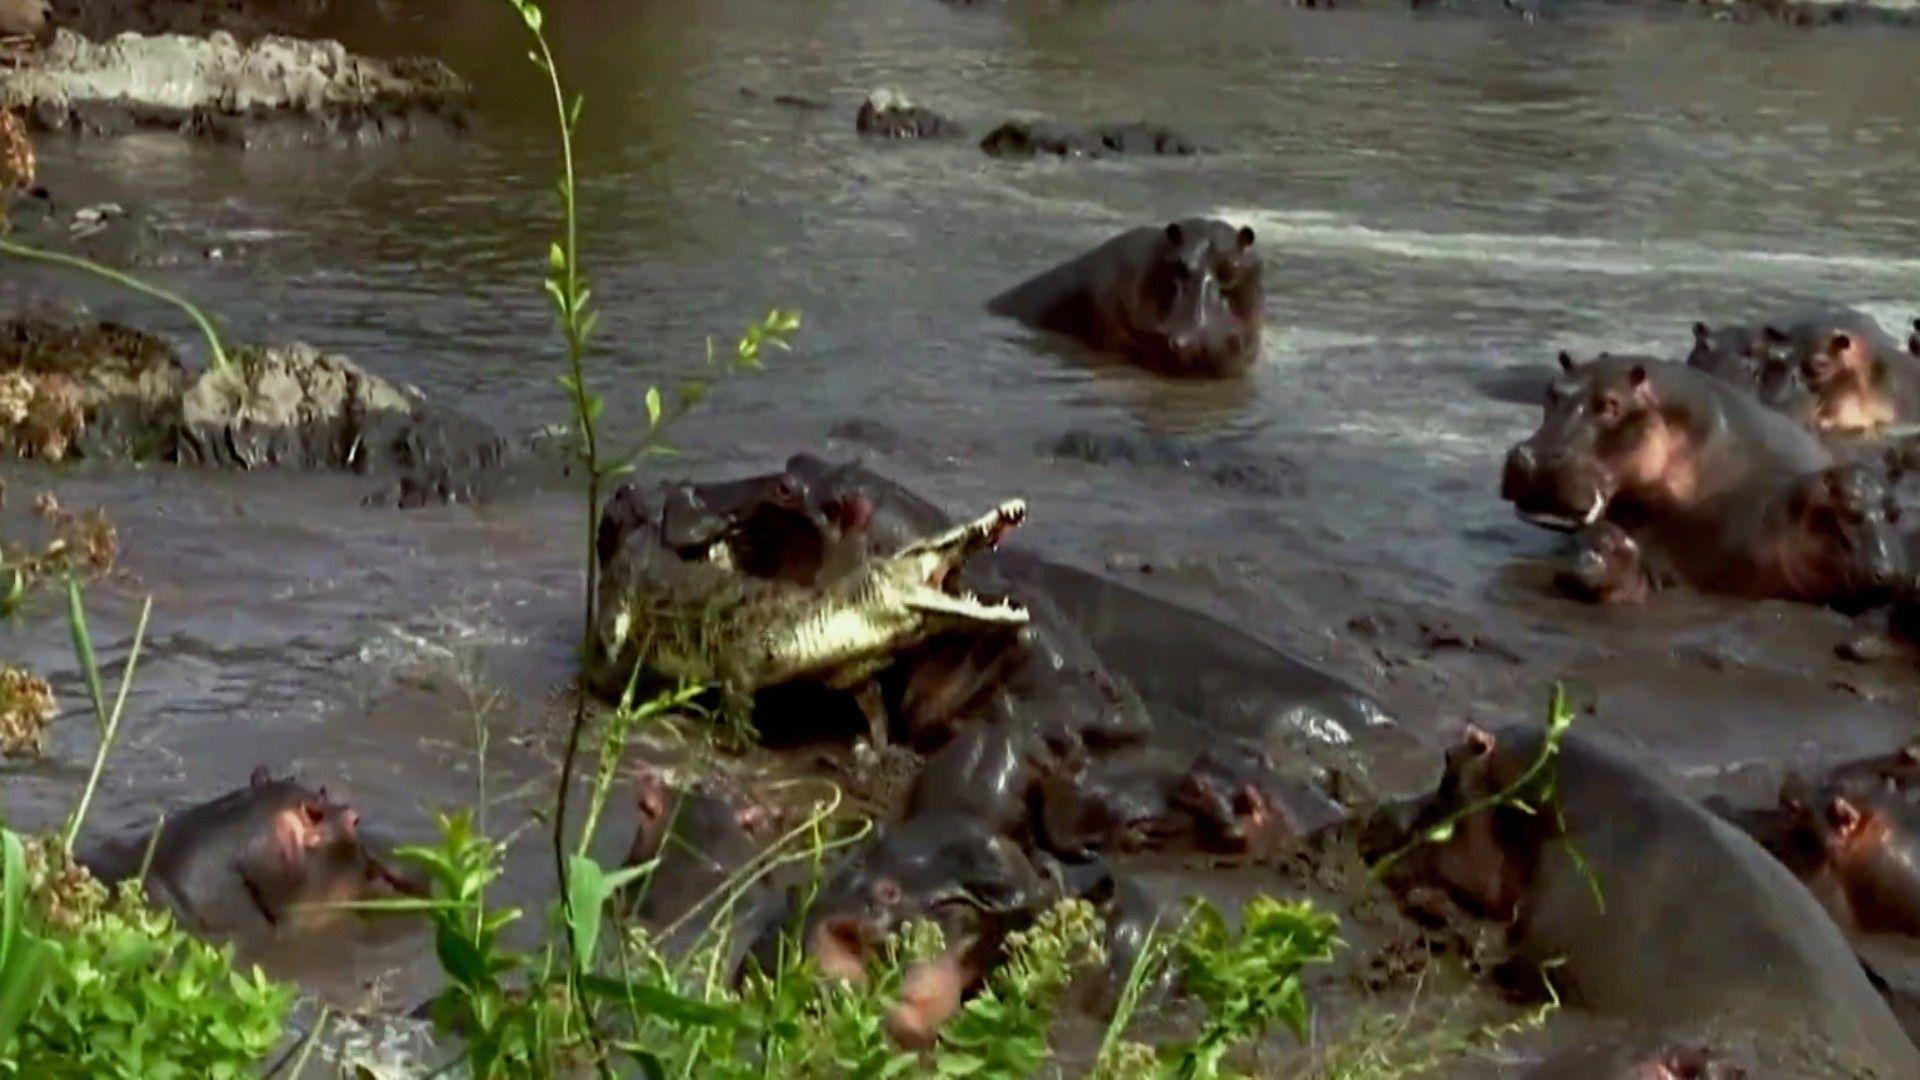 Un crocodile se bat contre des hippopotames   National Geographic